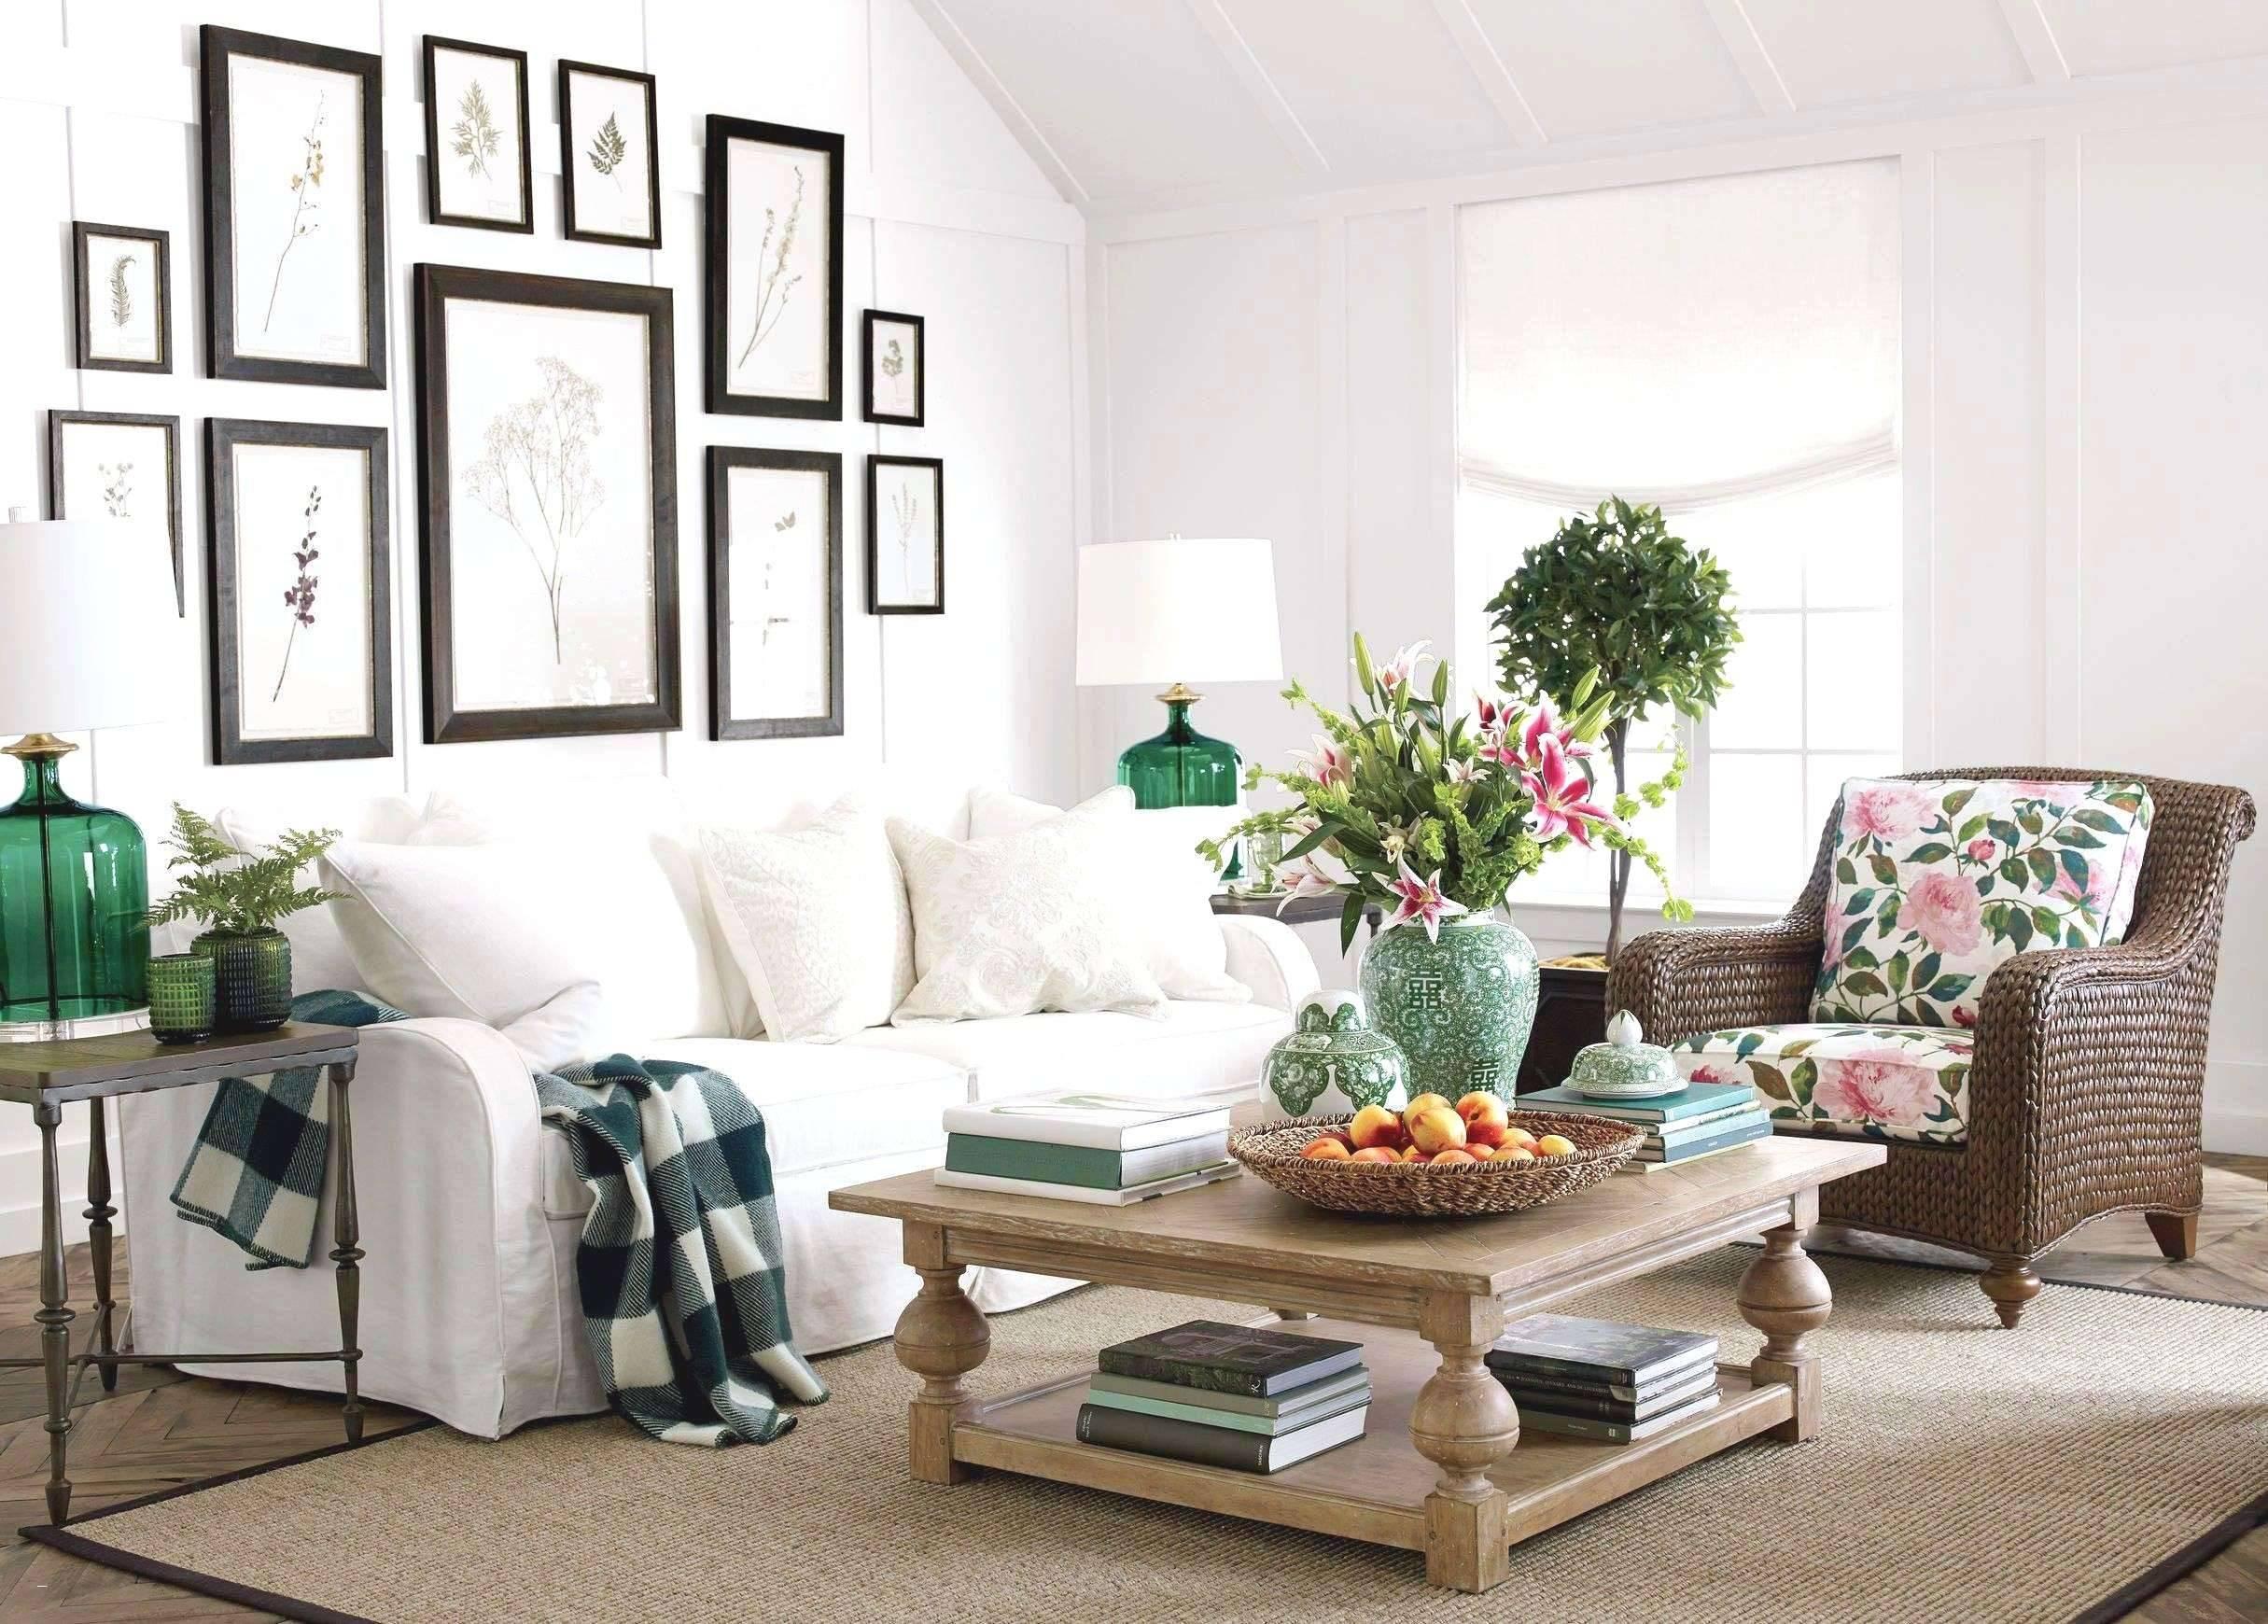 wohnzimmer deko selbst gemacht lieblich 45 neu deko ideen selbst machen foto of wohnzimmer deko selbst gemacht